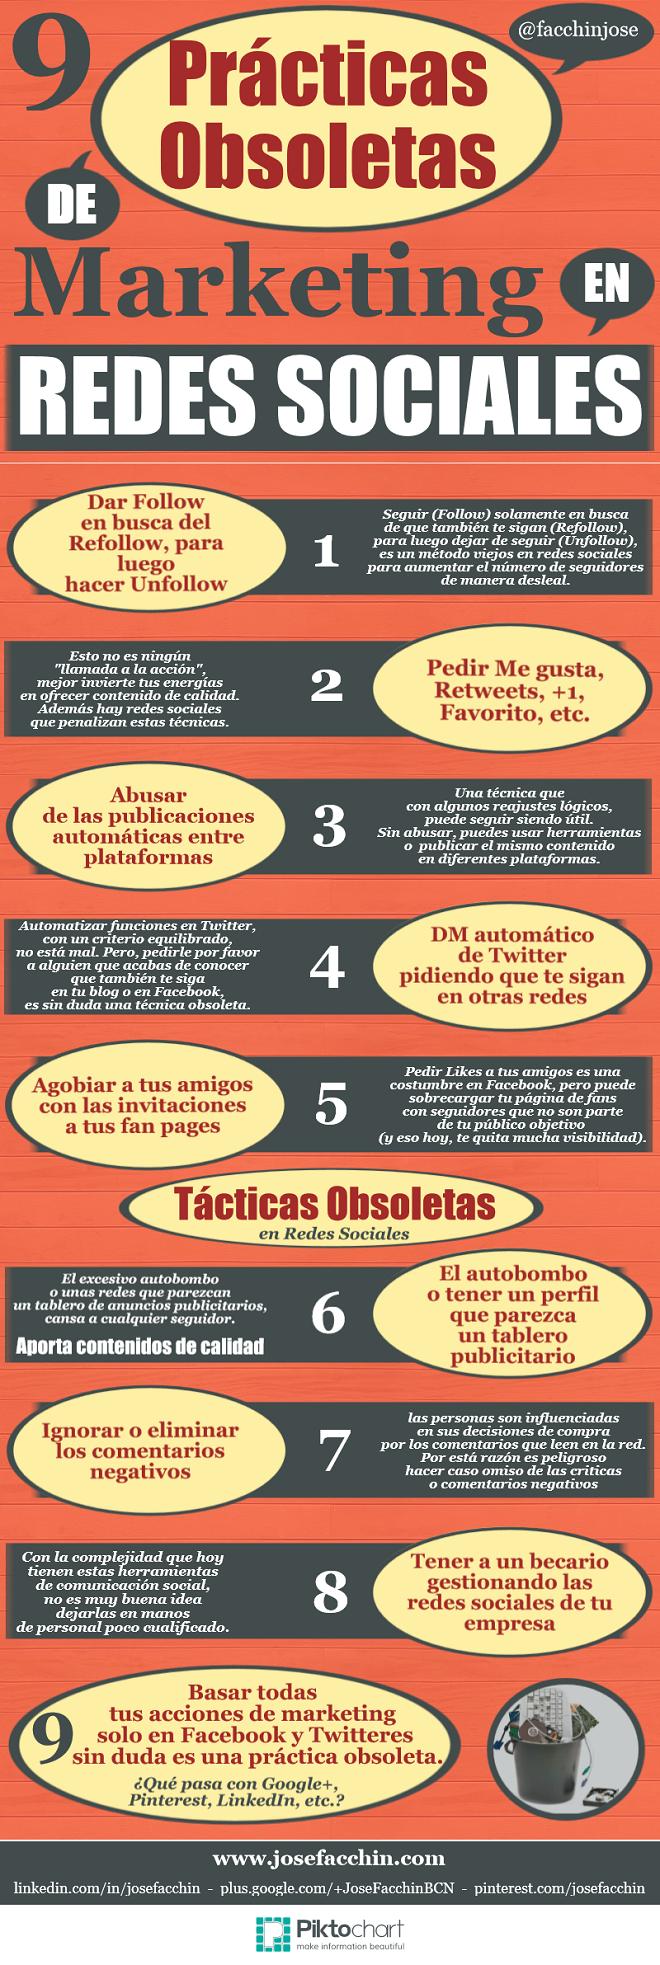 infografia_9_practicas_obsoletas_marketing_redes_sociales